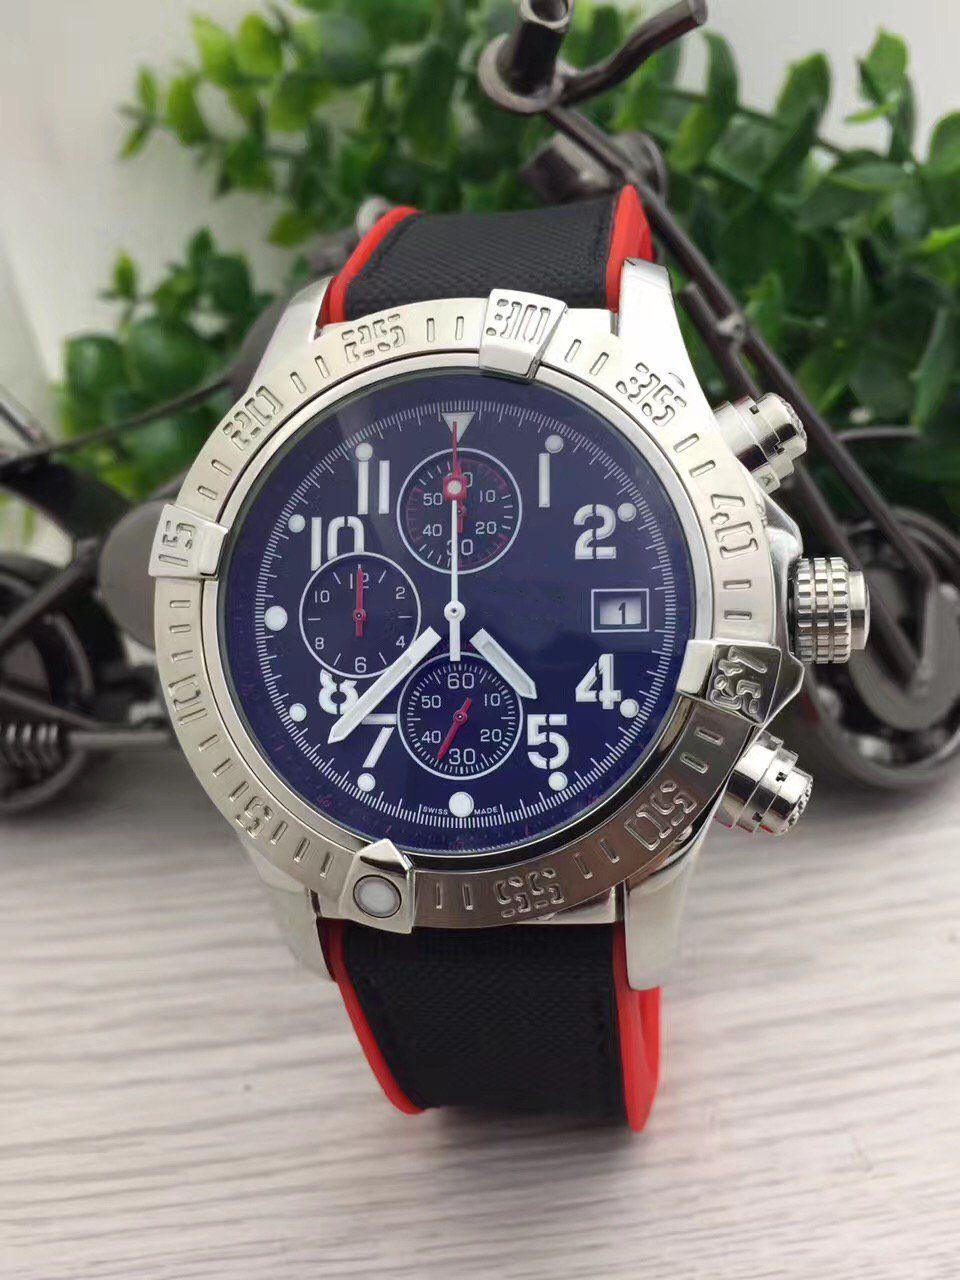 스톱워치 고급 시계 시계 쿼츠 스톱워치 시계 시계 스테인레스 스틸 시계 높은 quaity 남자 시계 스틸 시계 240